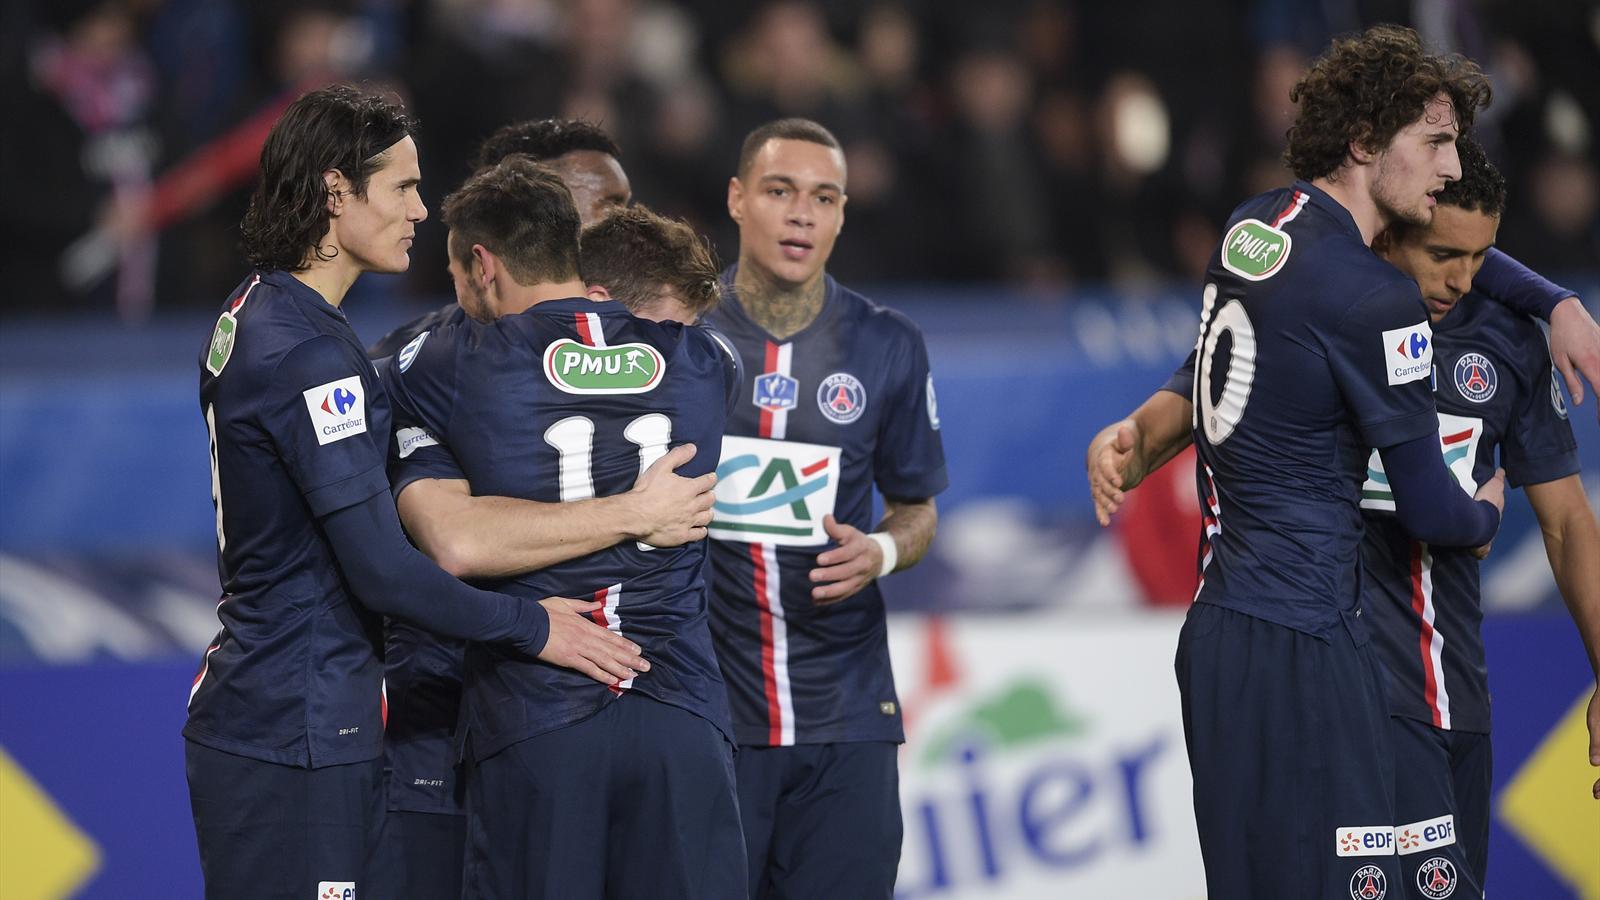 En direct live psg fc nantes coupe de france 11 - Resultat coupe de france football 2015 ...